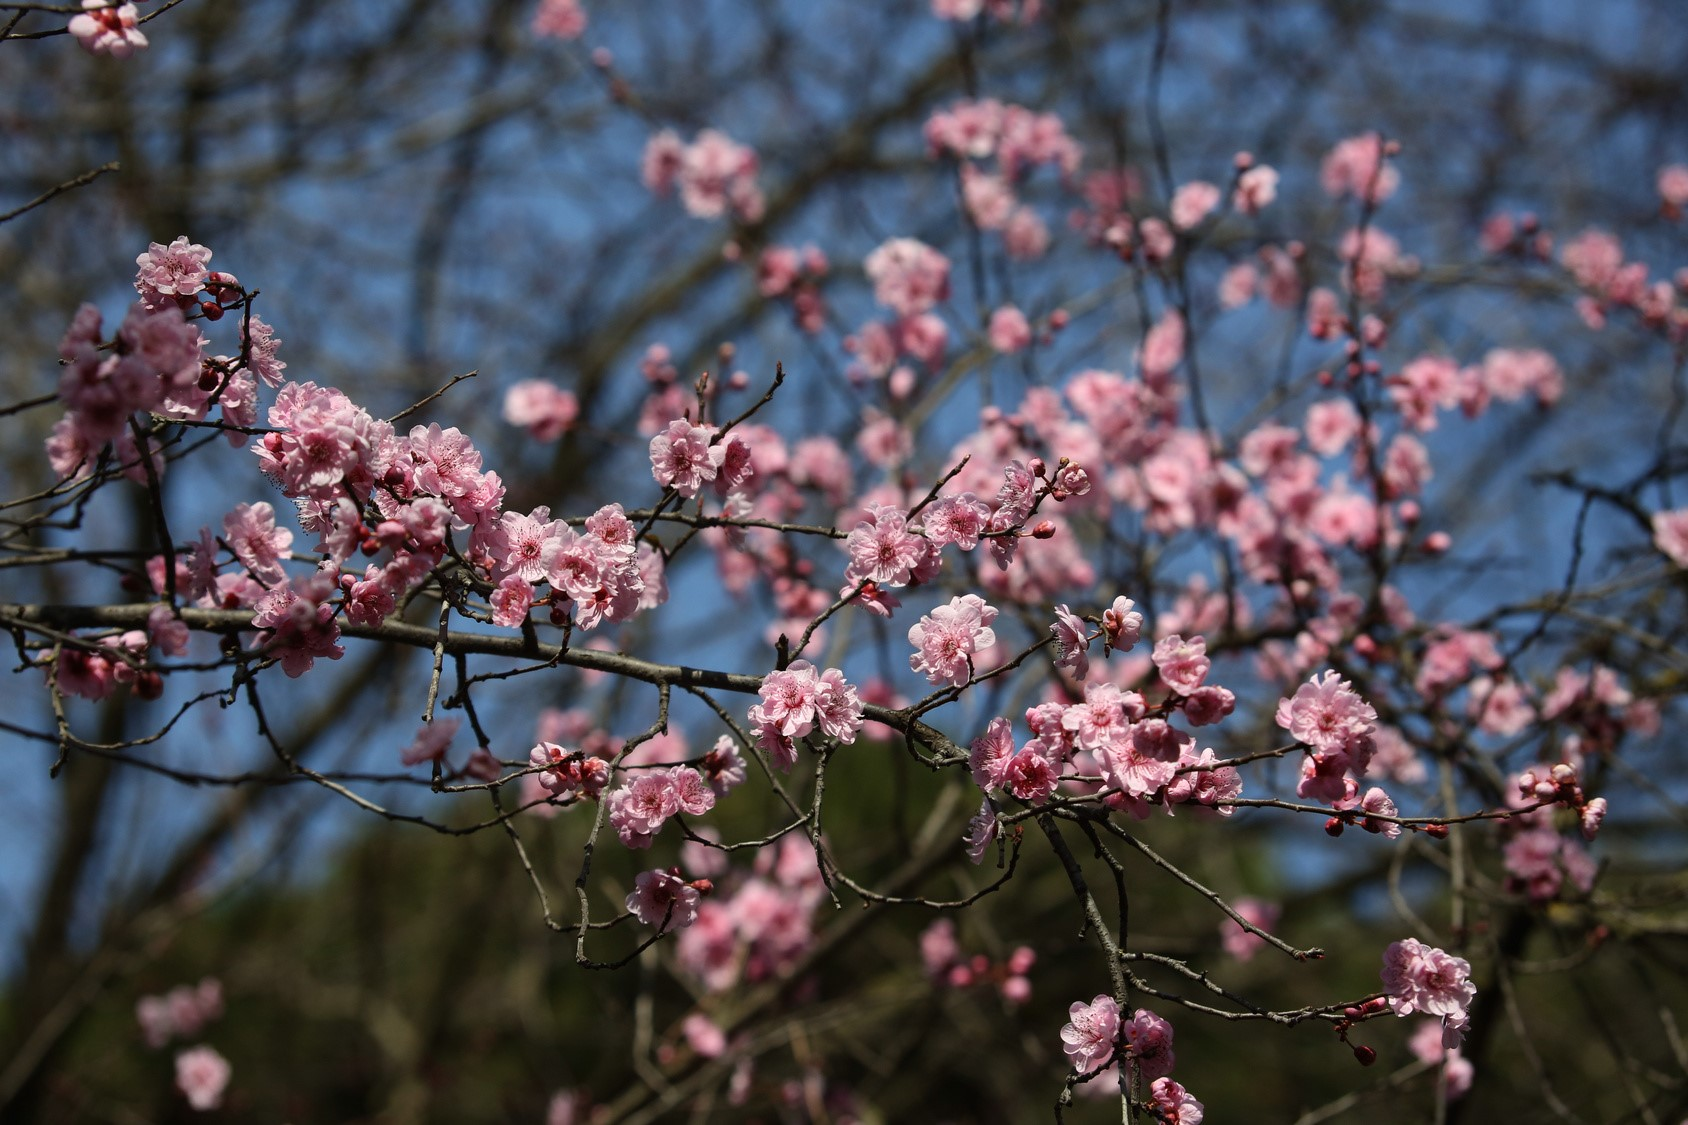 Eye Allergies in Spring